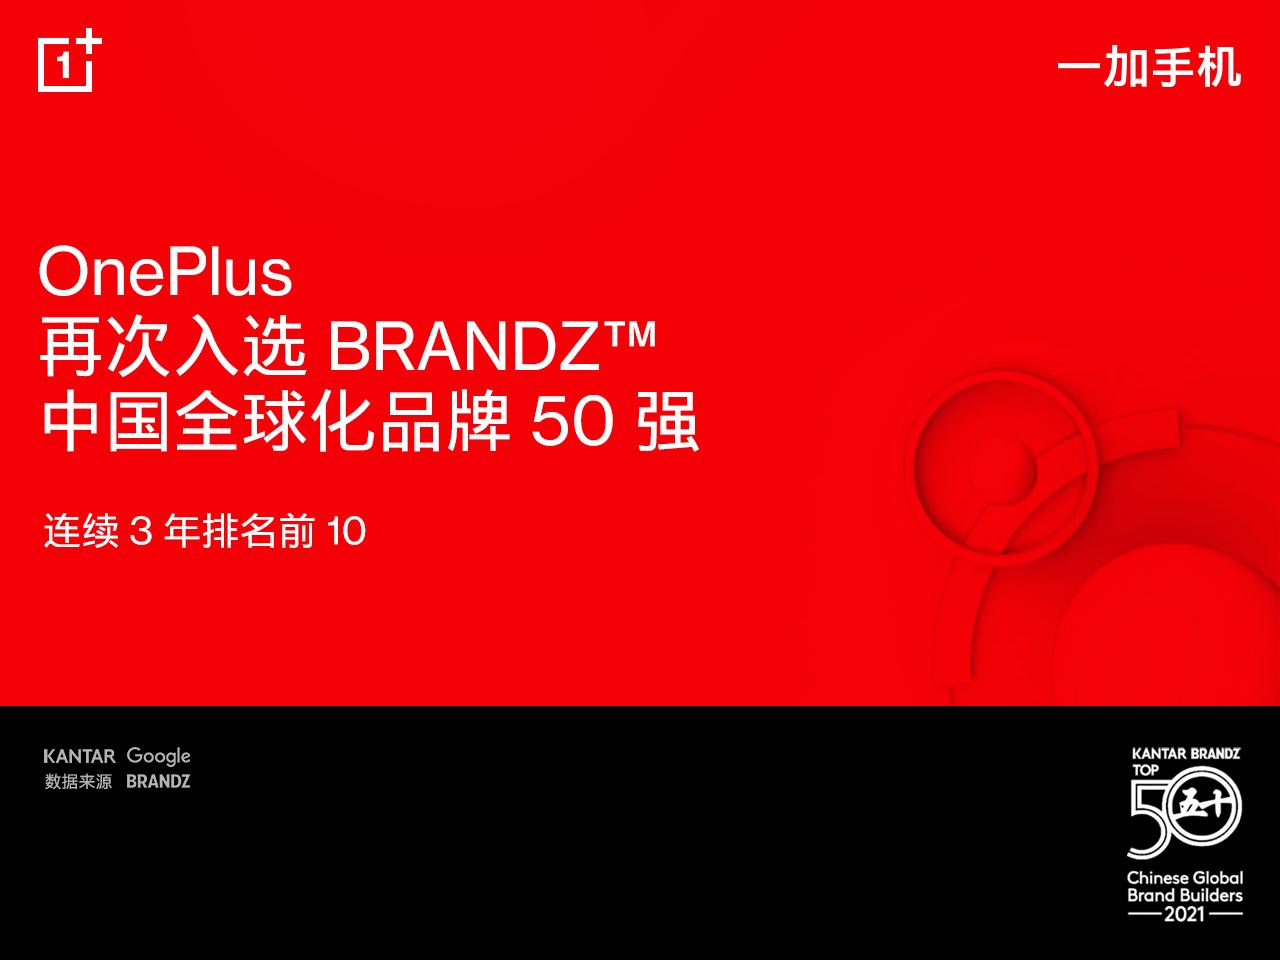 五年蝉联!一加手机再入选BrandZ中国全球化品牌榜,连续3年排名前10